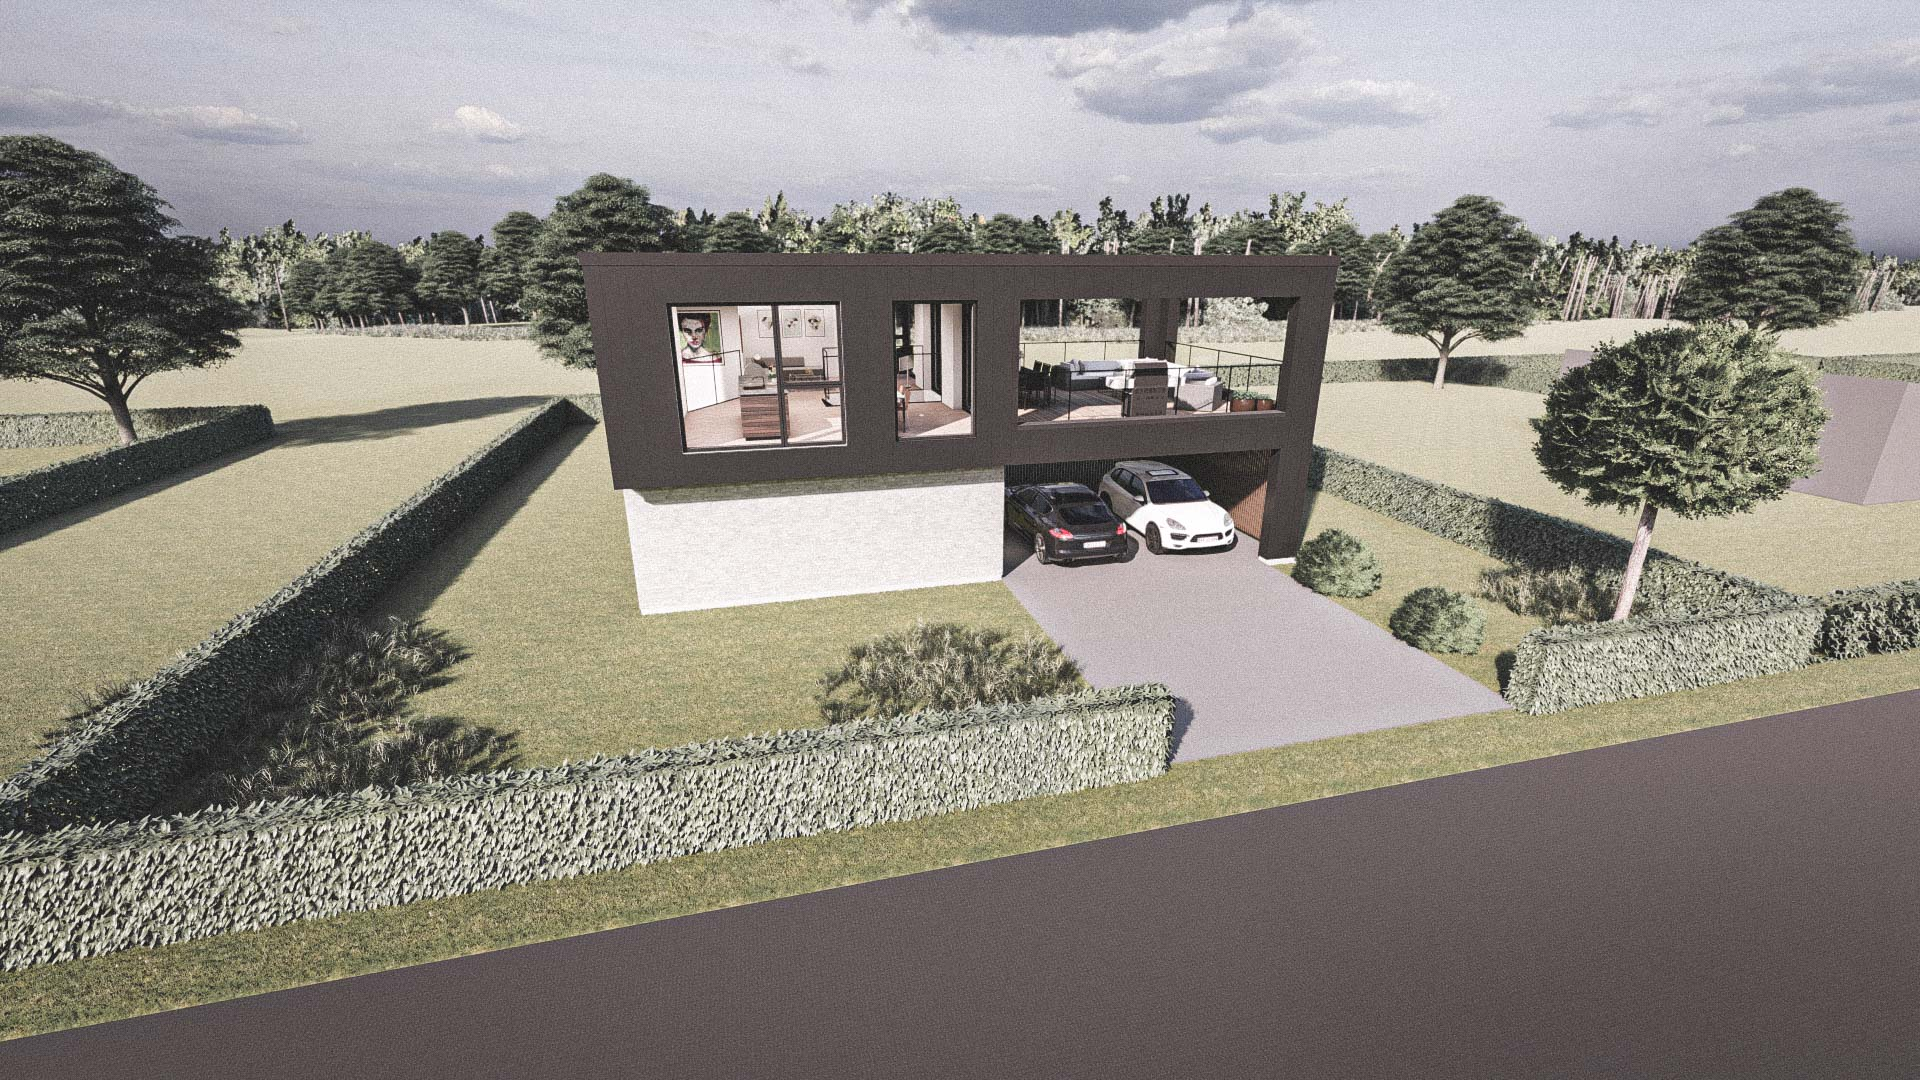 Billede af et arkitekt tegnet projektforslag af ny 2plans drømme villa i Ringsted, af det danske arkitektfirma m2plus